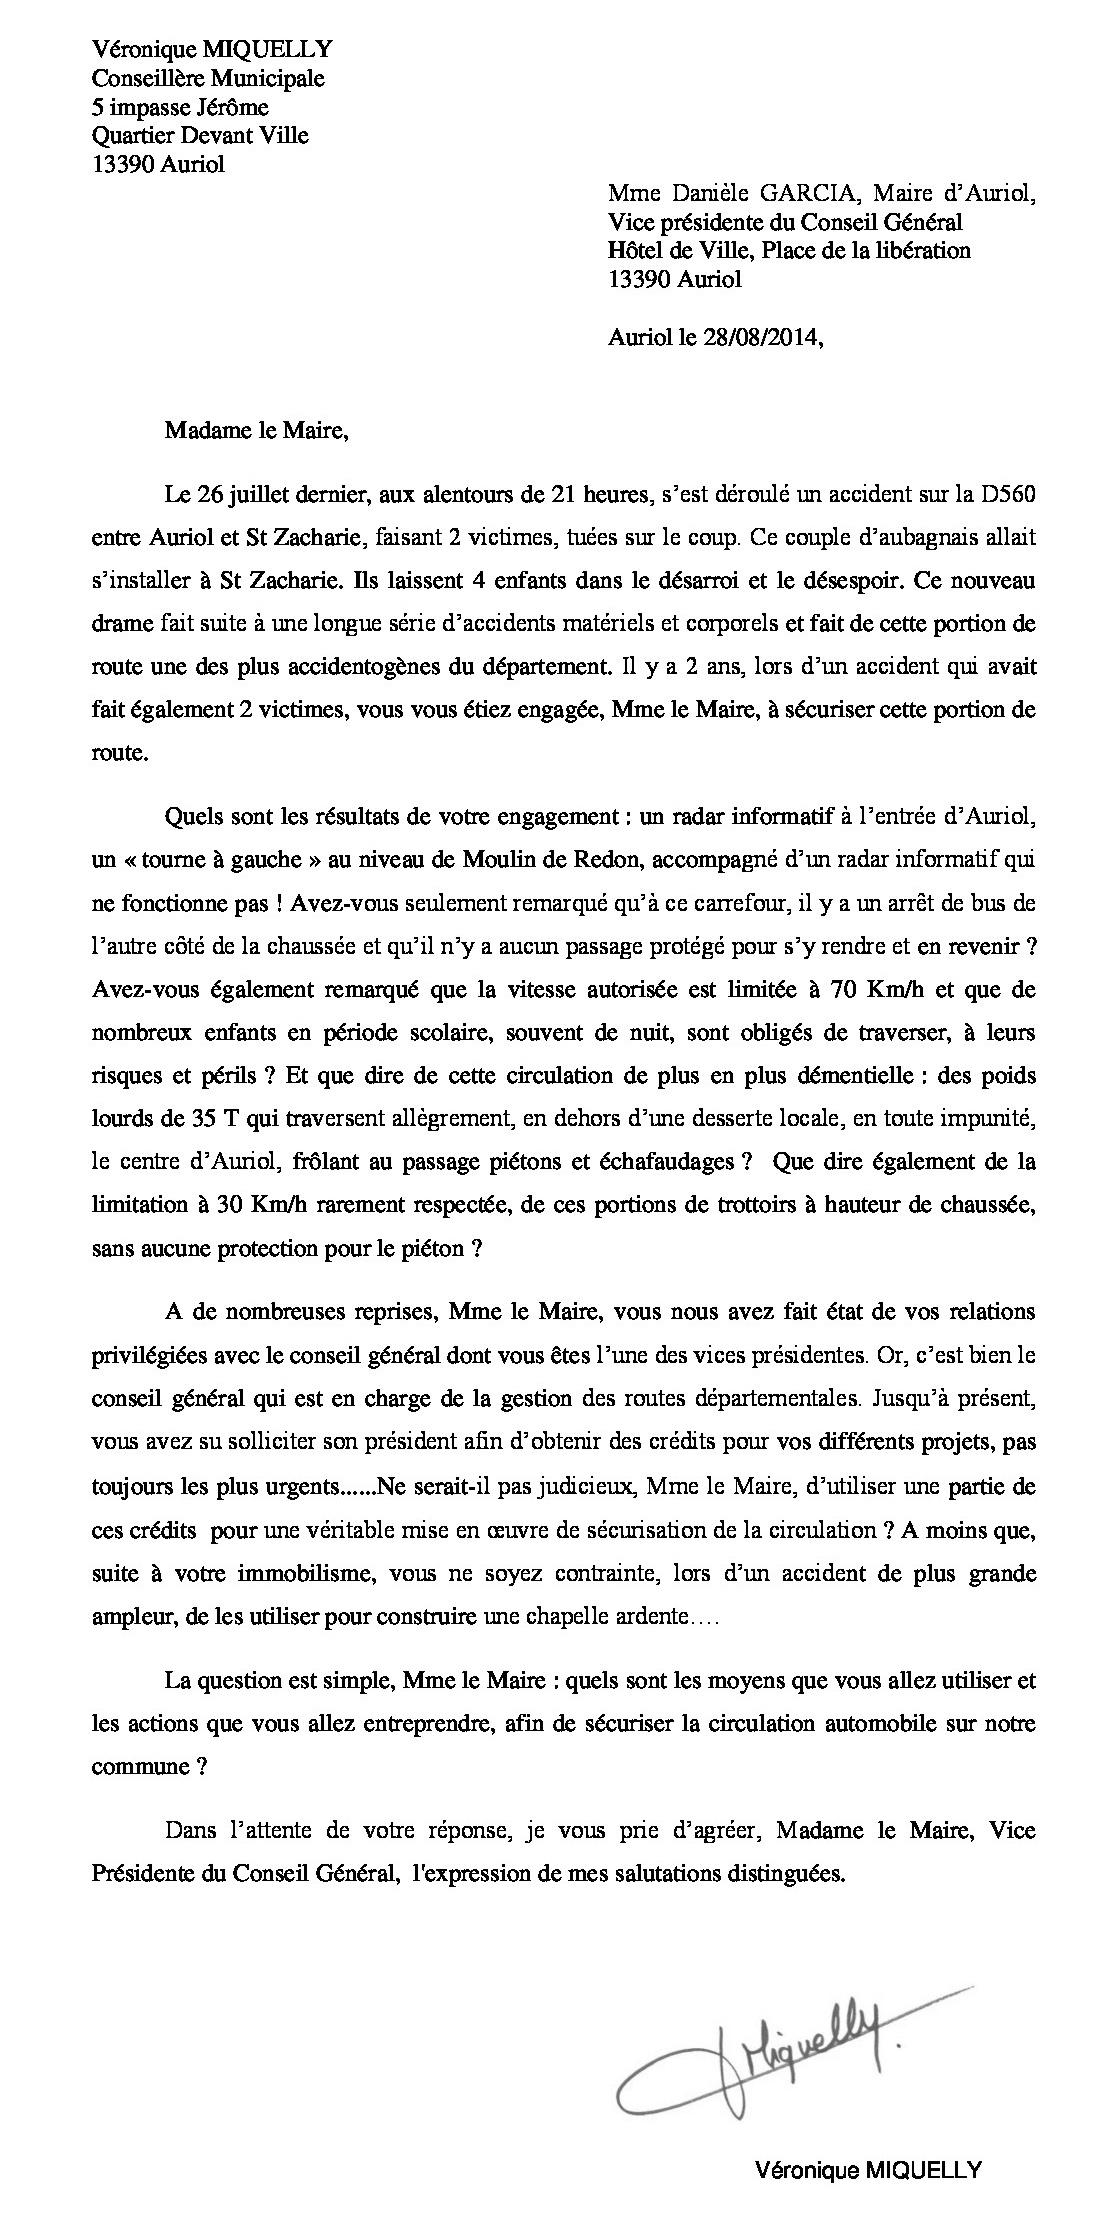 http://www.auriolensemble.com/wp-content/uploads/2014/12/Courrier-RD-560-du-09-2014-1.jpg